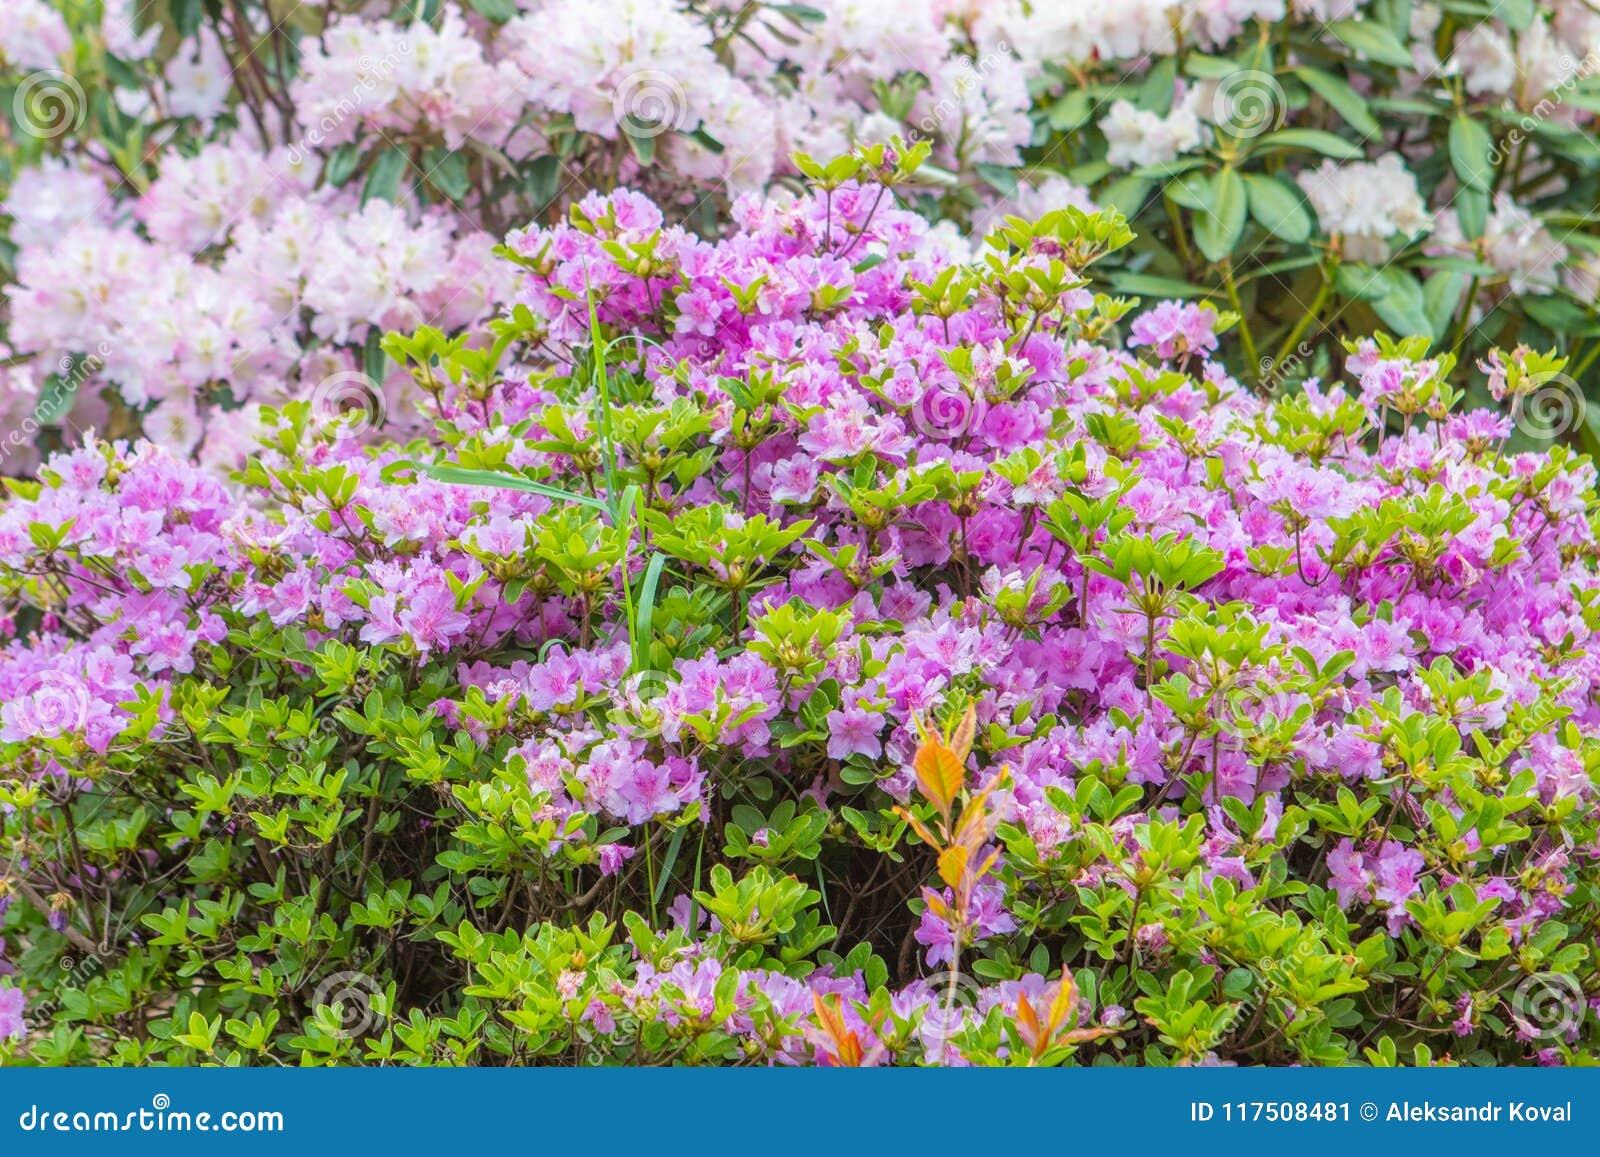 Bushes colorful spring flowers stock image image of bouquet bushes colorful spring flowers spring theme botanical garden mightylinksfo